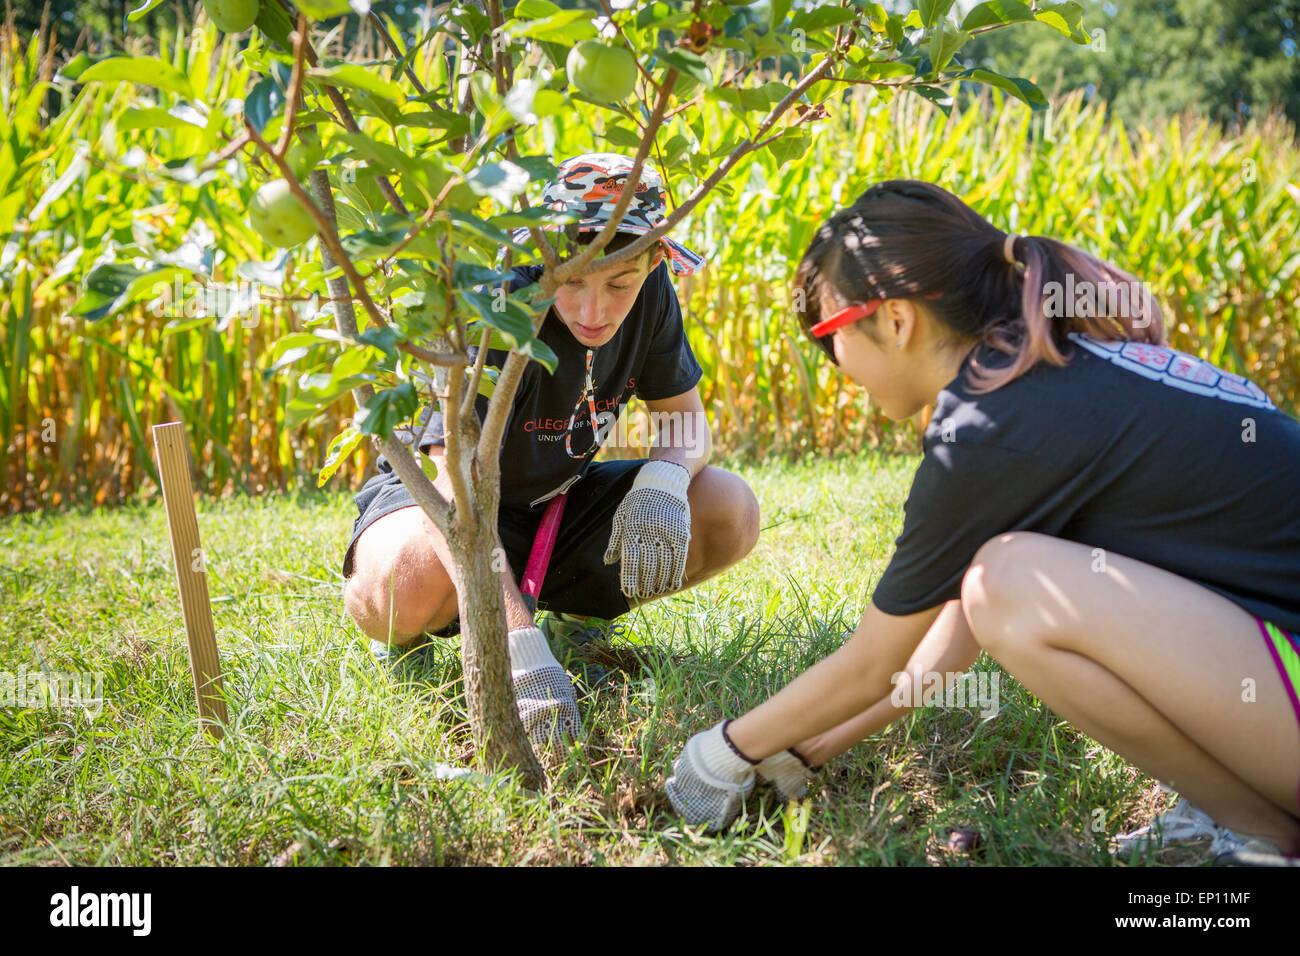 Dos adultos jóvenes plantando un árbol. Imagen De Stock